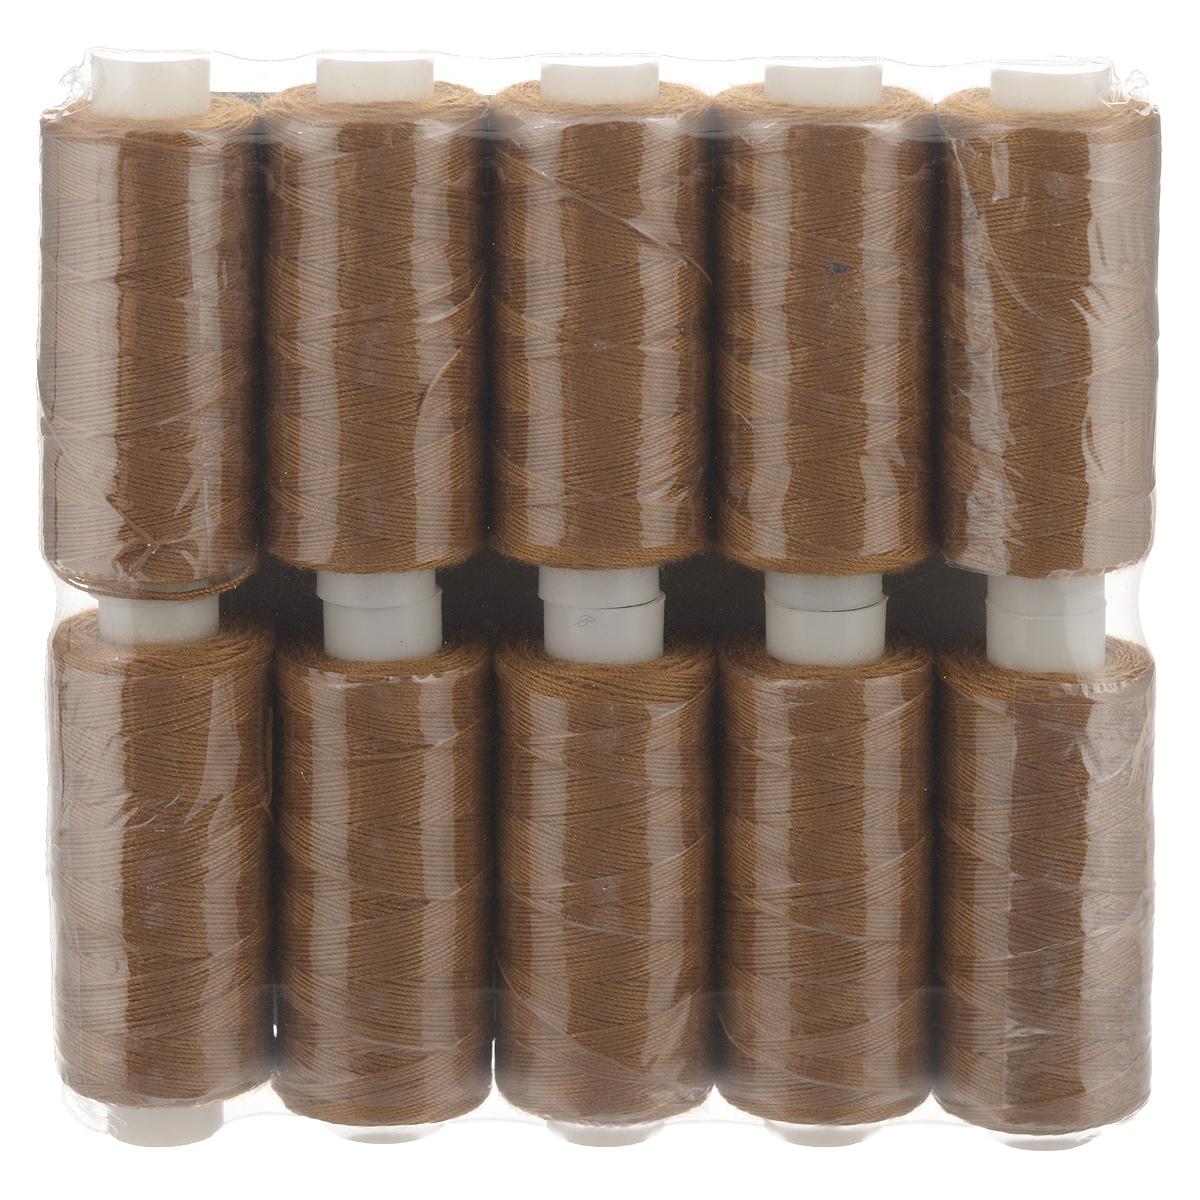 Набор ниток 20/3, цвет: коричневый, 120 м, 10 бобин. 675491675491Набор ниток состоит из 10 бобин с нитками коричневого цвета. Универсальная швейная нить изготовлена из 100% полиэстера. Рекомендуется для бытовых и швейных машин и рукоделия. Нить используется для швов повышенной прочности, декоративных швов, в пошиве сумок, спецодежды, галантереи и многого другого. Количество: 10 бобин.